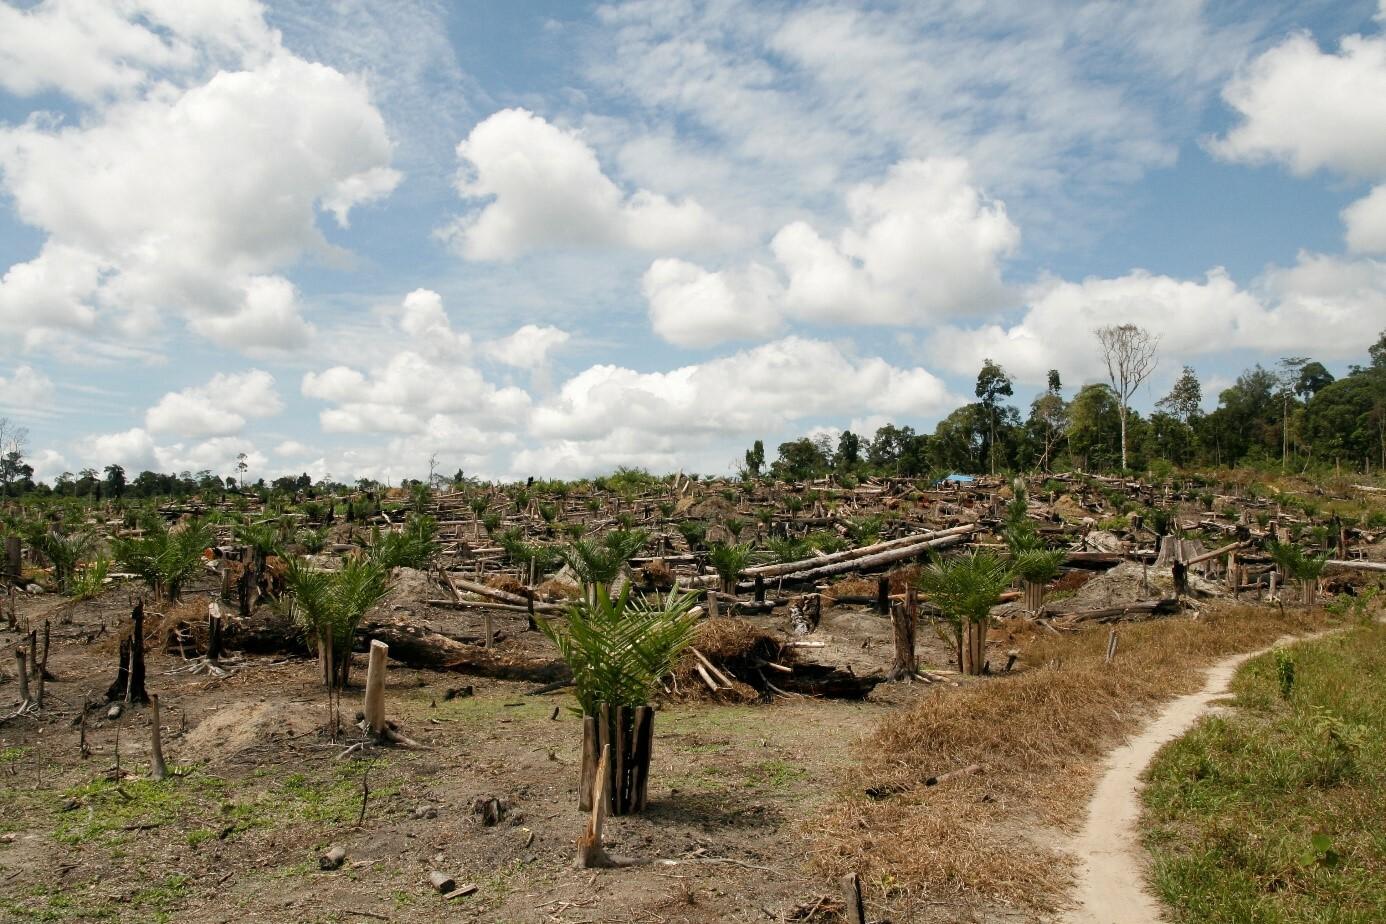 Junge Palmöl-Plantage mit Baumresten des abgeholzten, ursprünglichen Waldes.